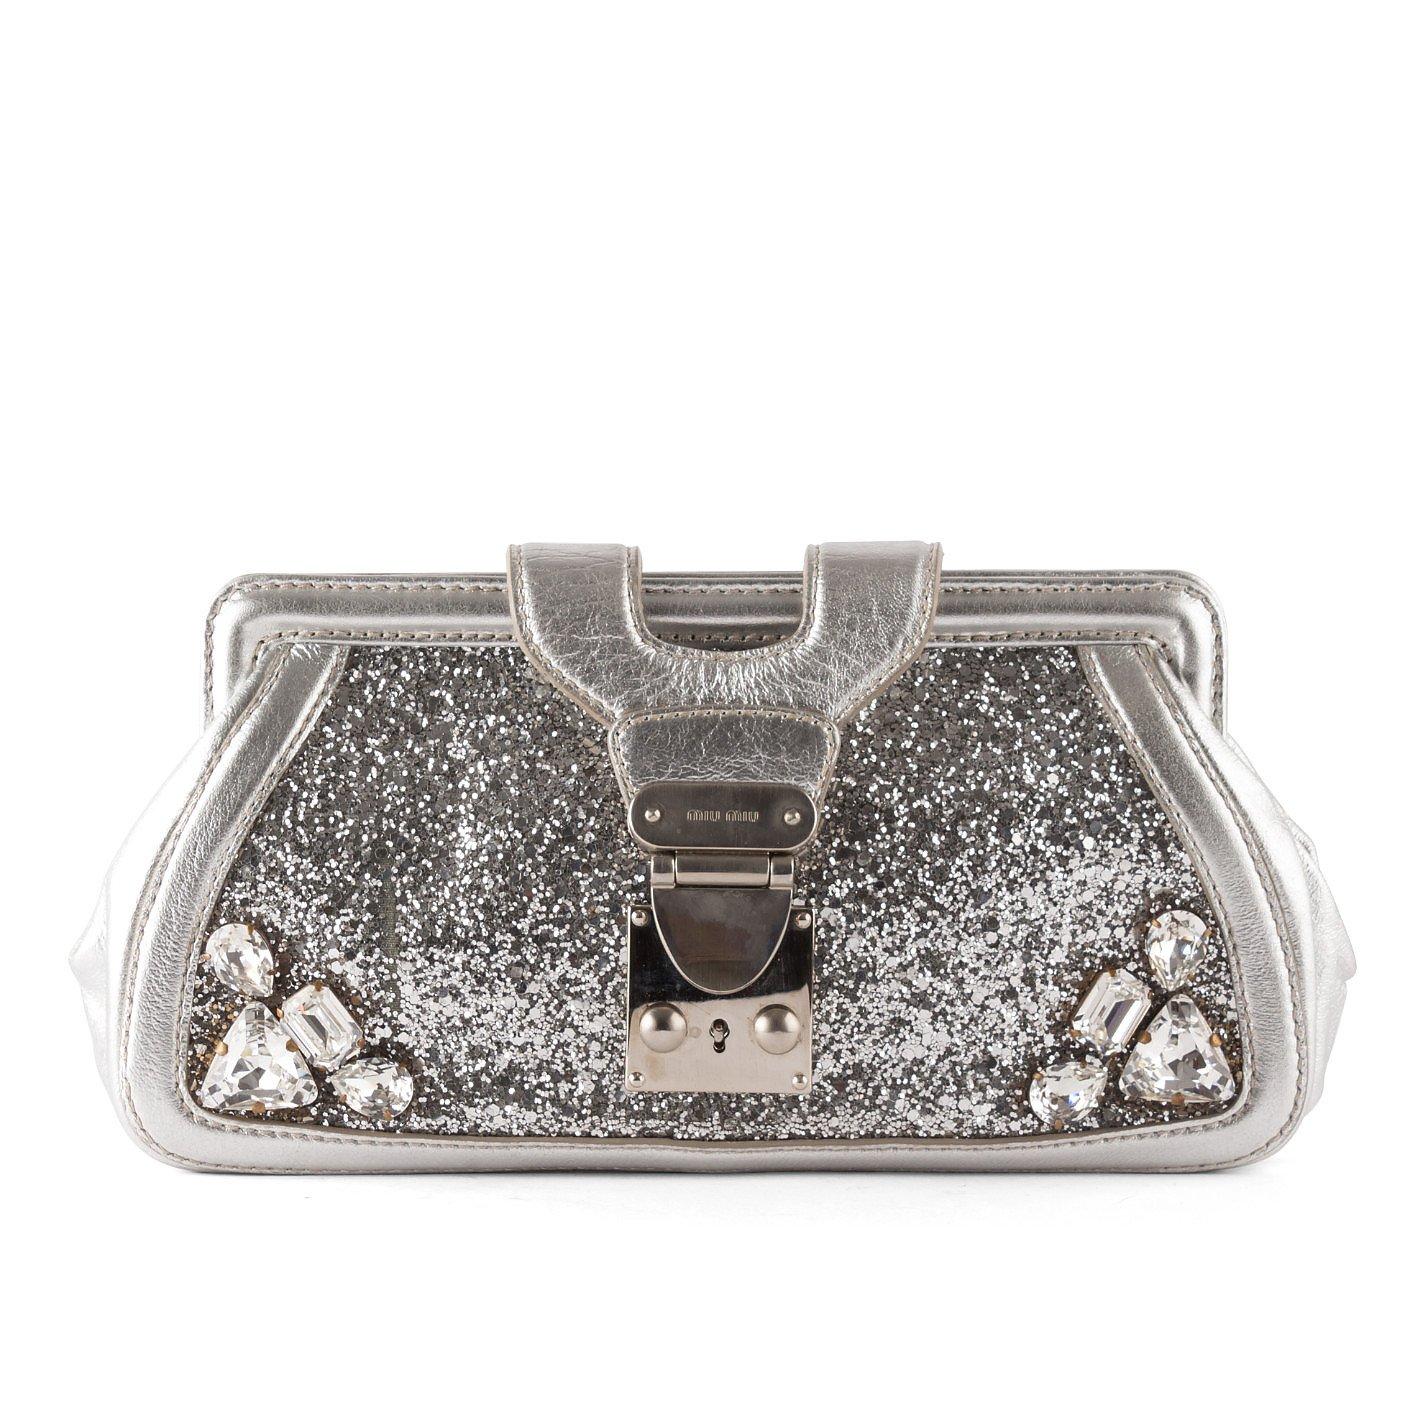 Miu Miu Crystal-Embellished Glitter Clutch